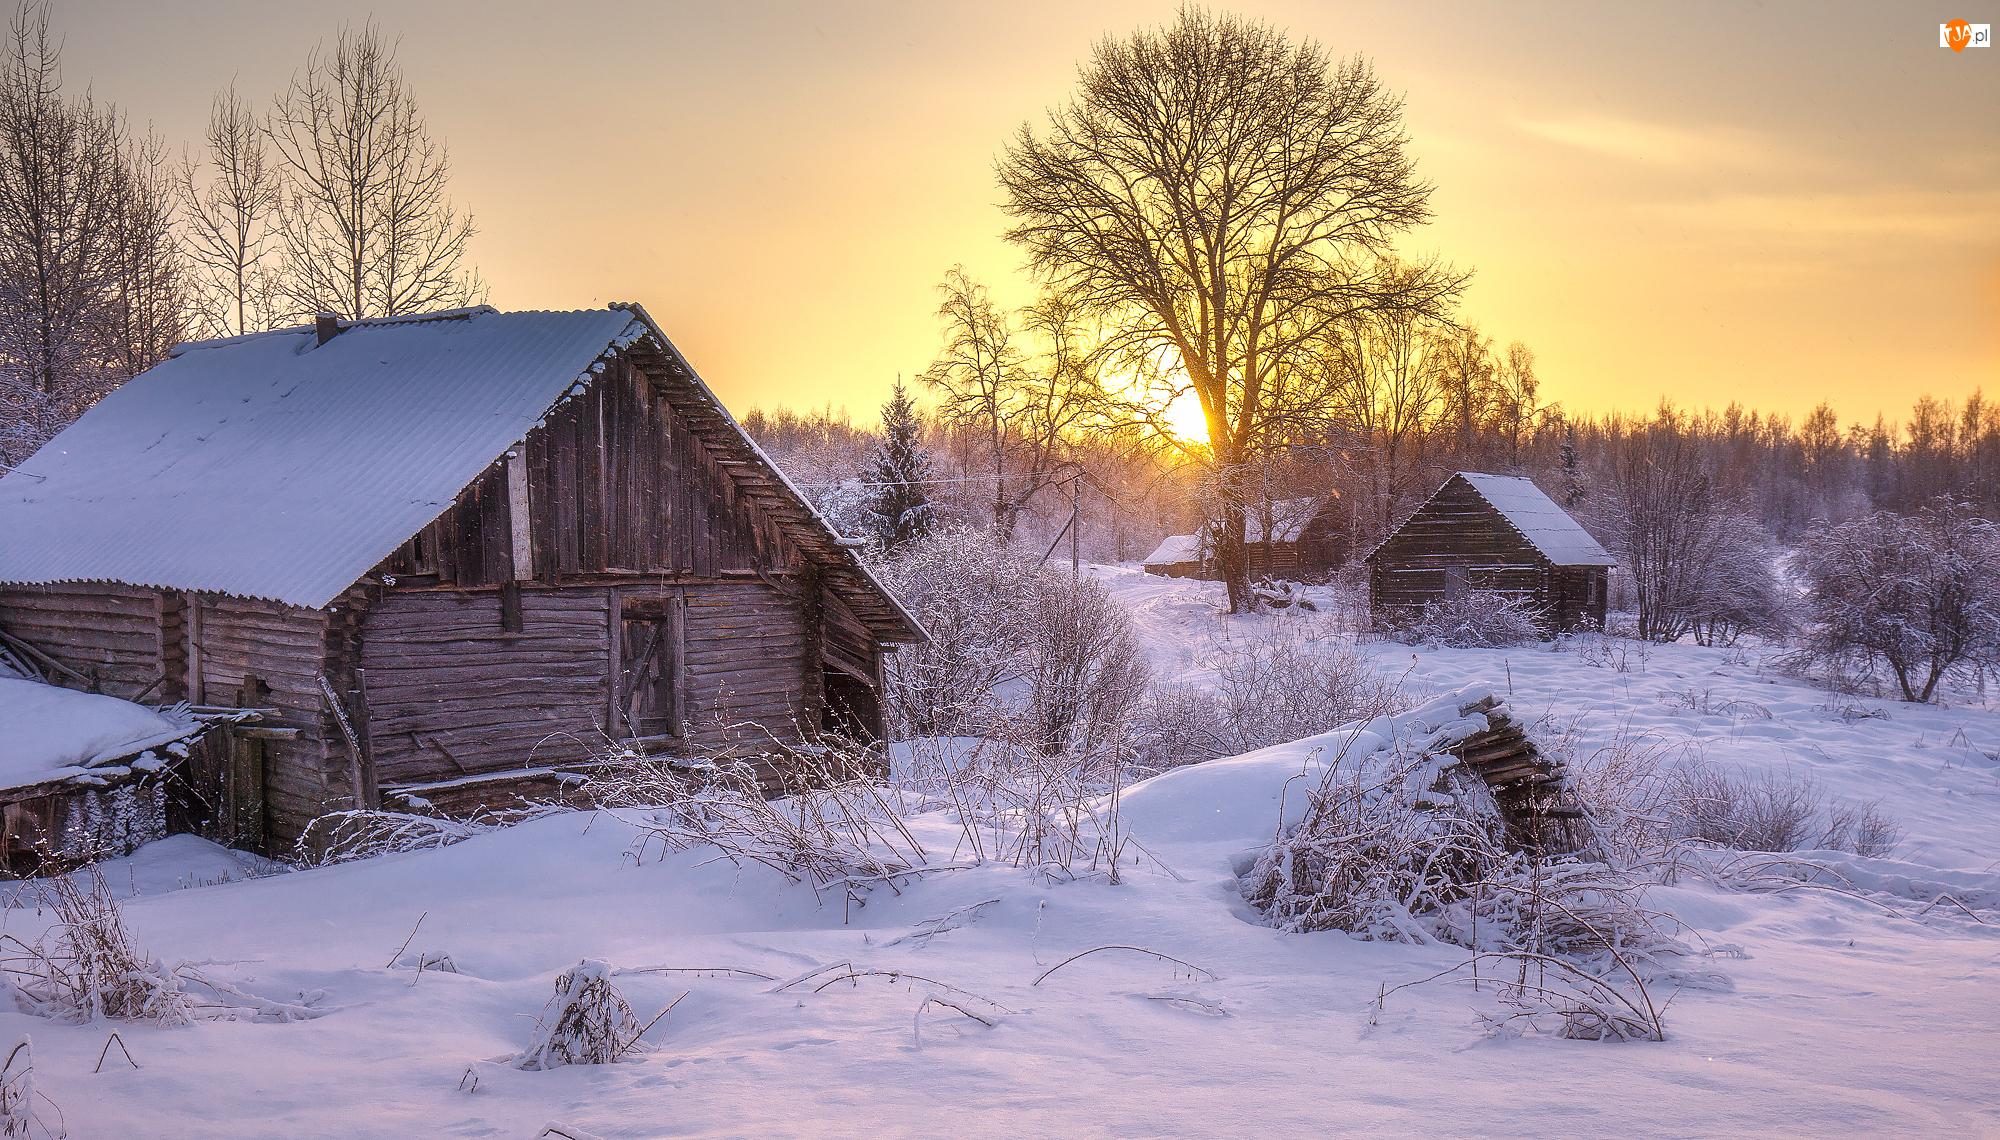 Wschód słońca, Zima, Domy, Śnieg, Drzewa